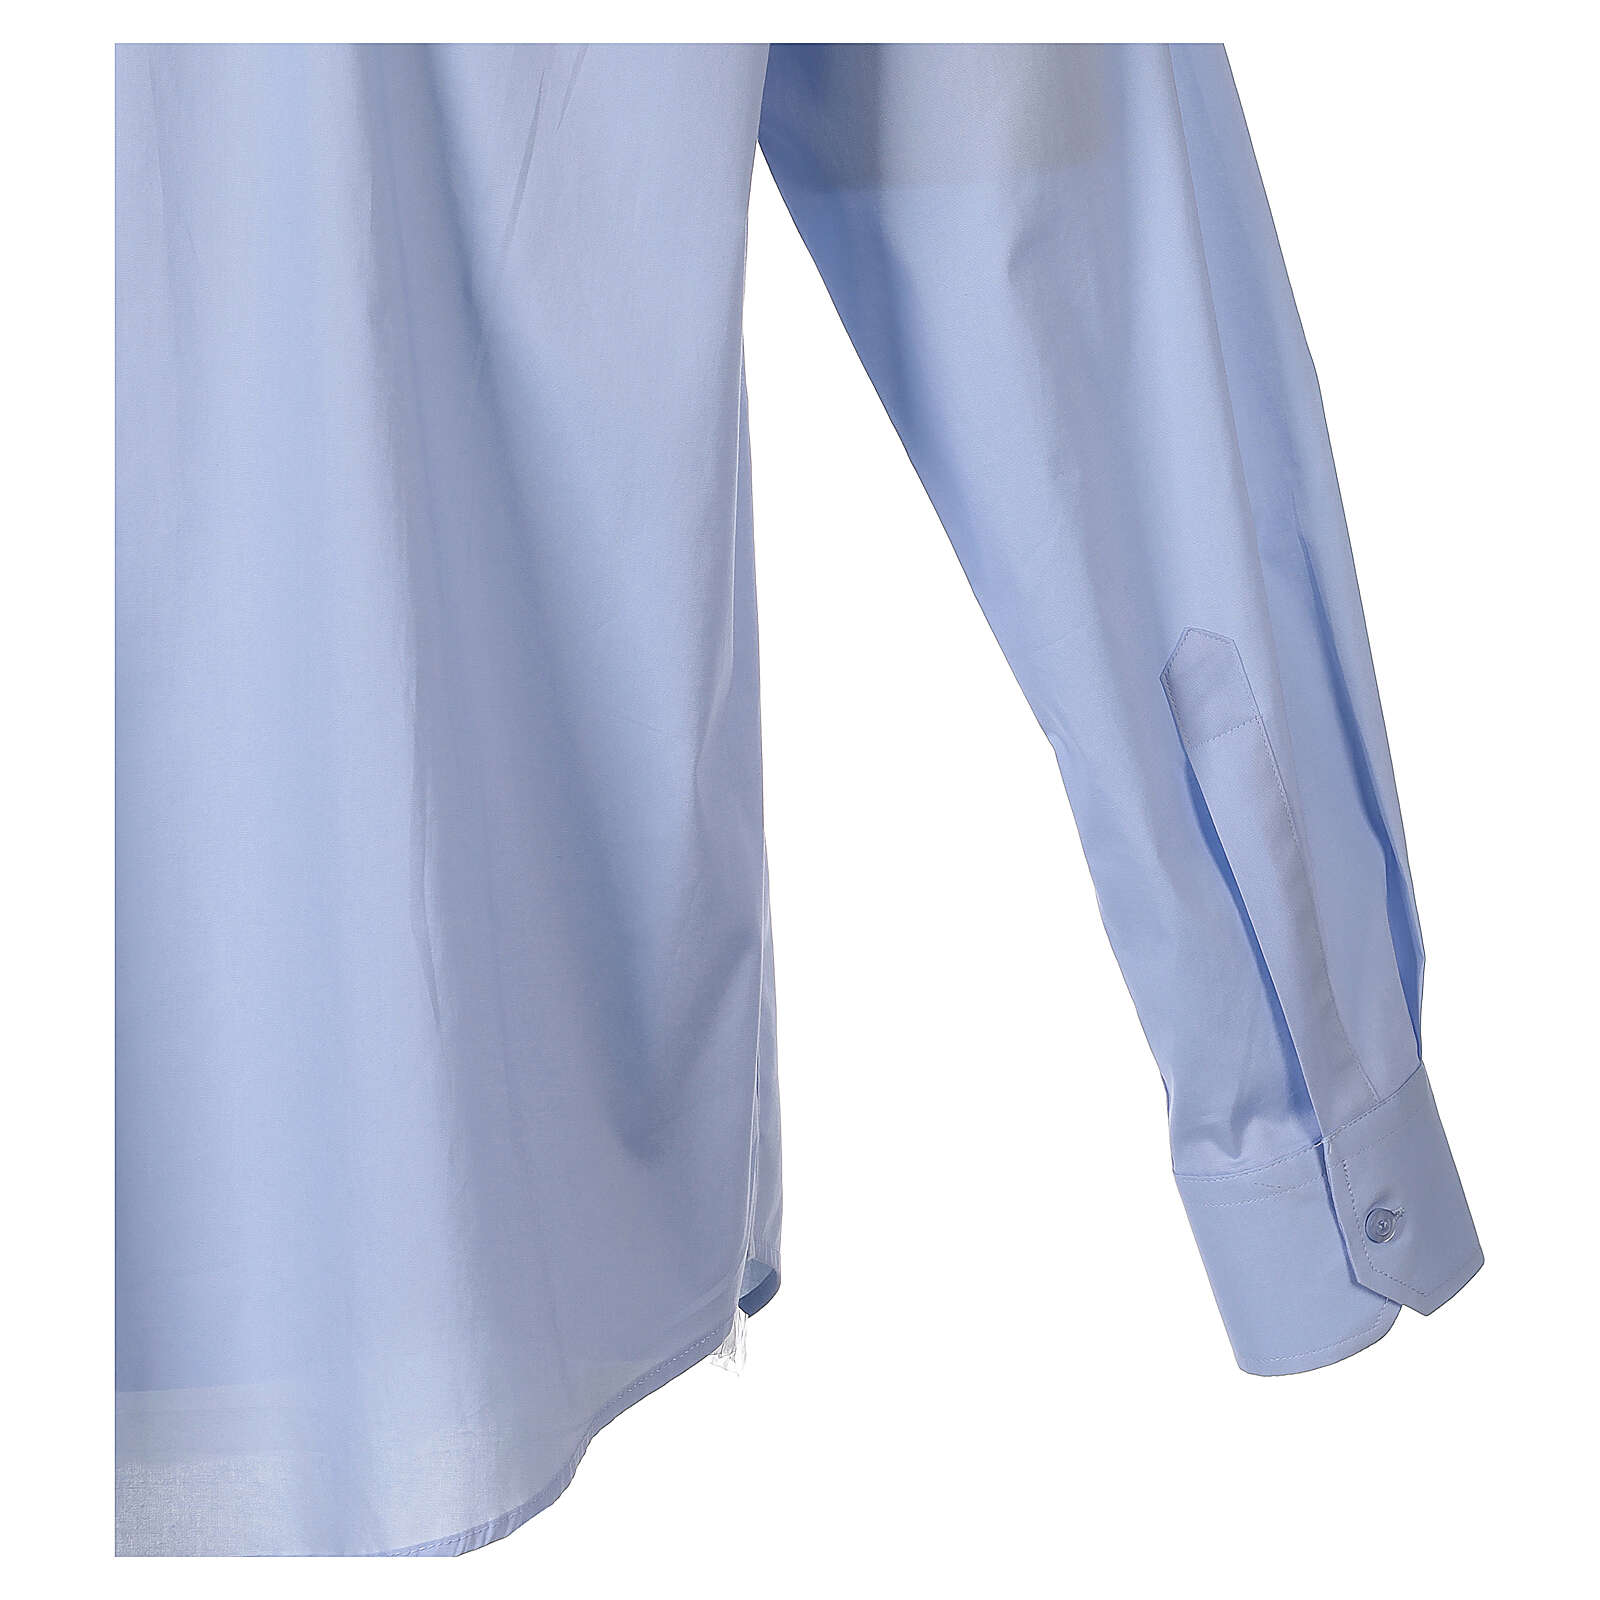 Chemise clergy In Primis élastique coton manches longues bleu clair 4